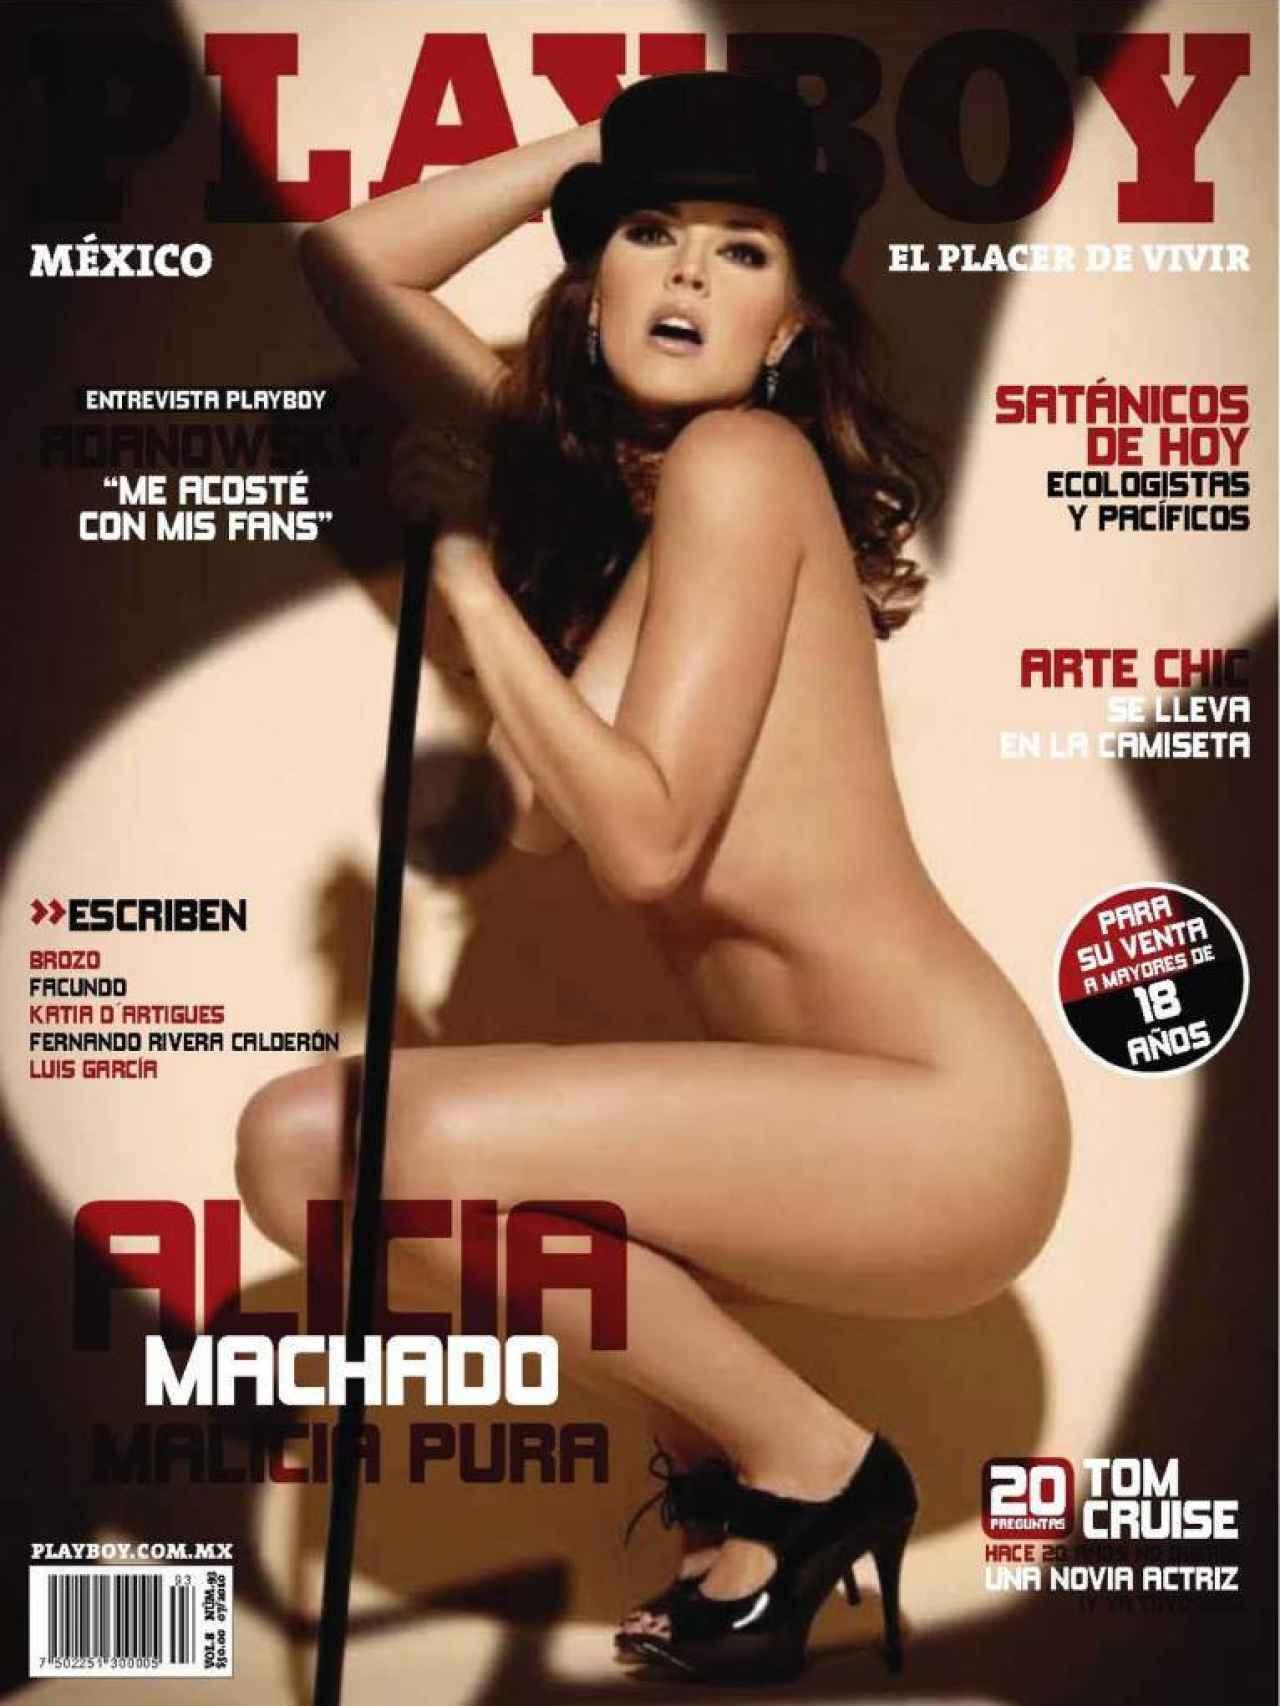 La modelo en la portada de la revista 'Playboy'